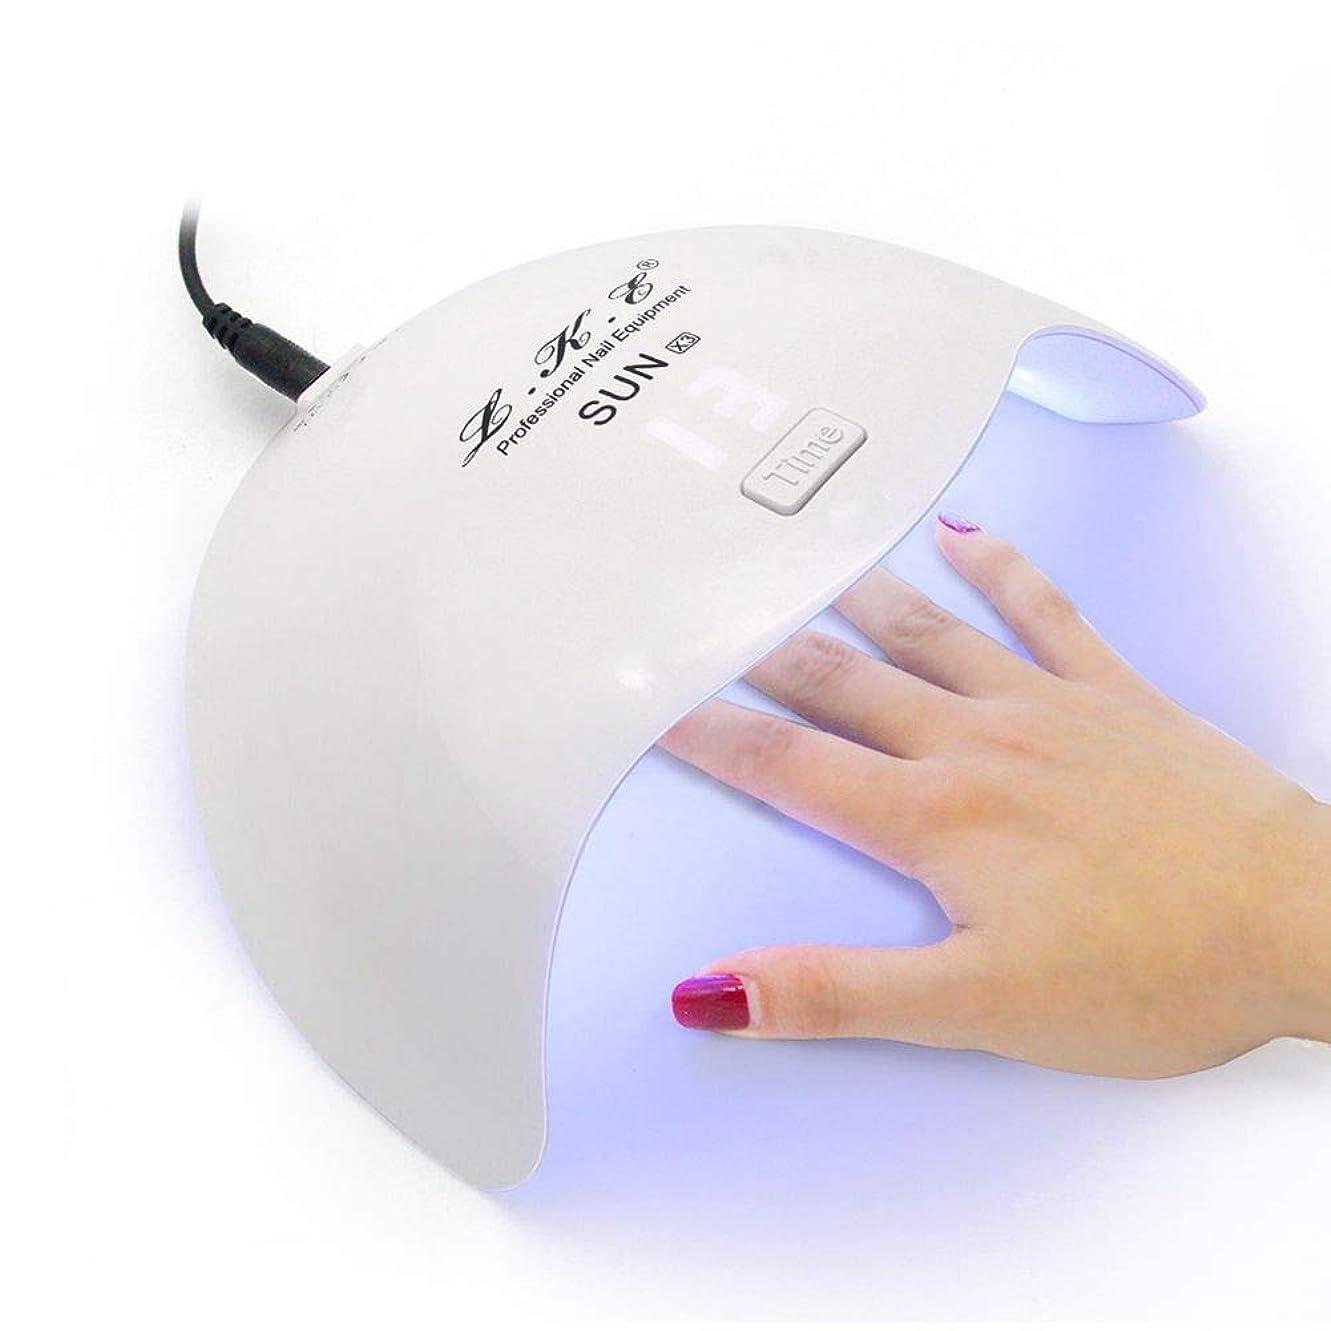 眉をひそめる車リークネイルドライヤーミニ24W UV LEDランプ硬化ネイルジェルポリッシュ誘導タイマーネイルアートツール家庭用機器用、絵のように色